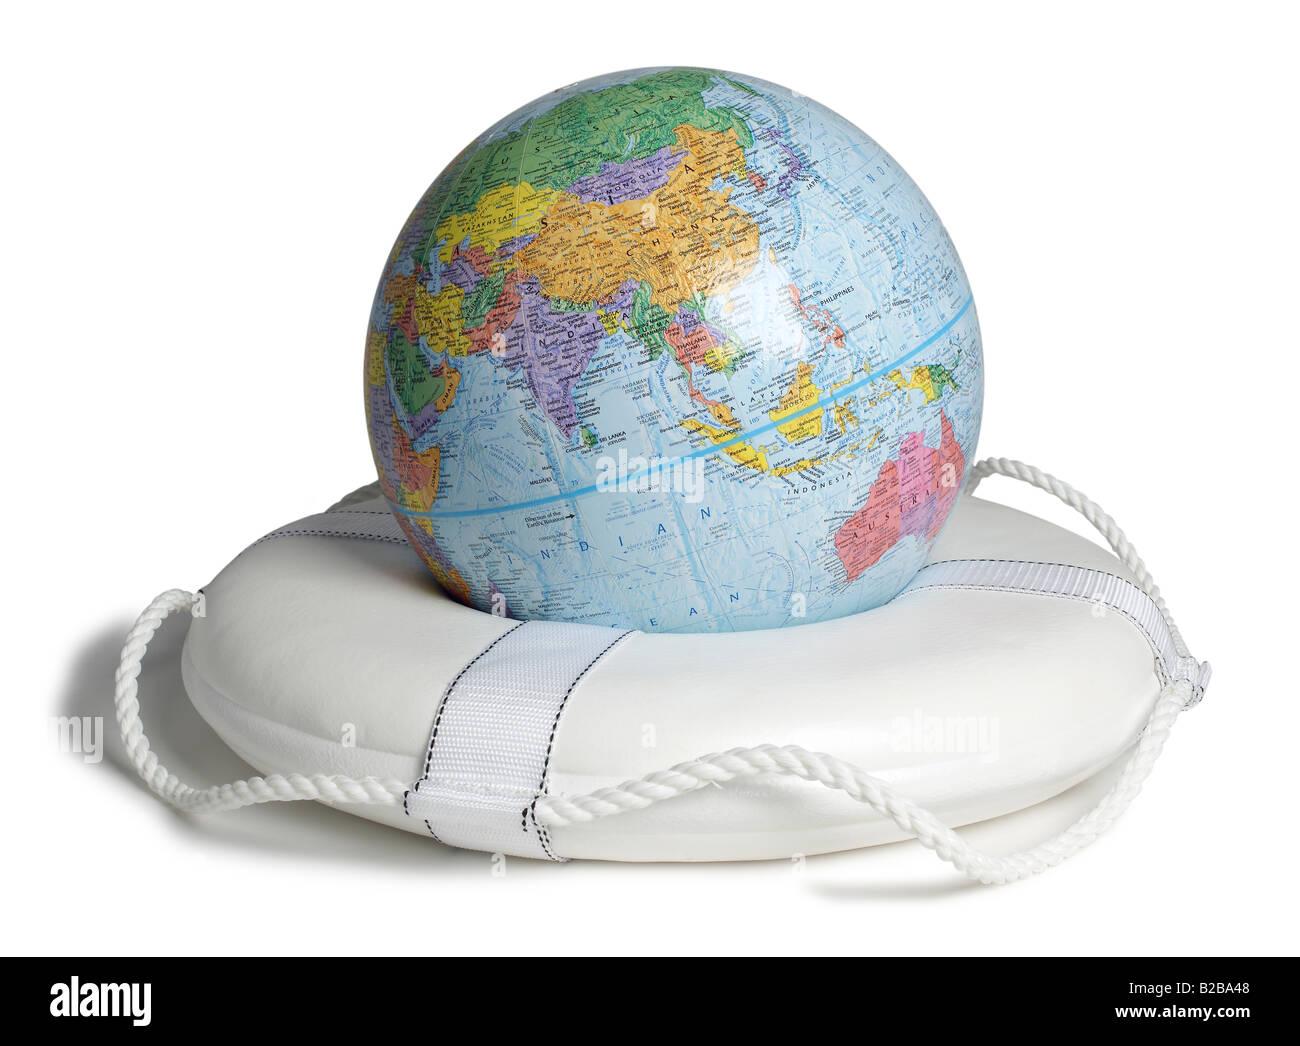 Globus Weltkugel für Rettungsring Rettungsweste Stockbild